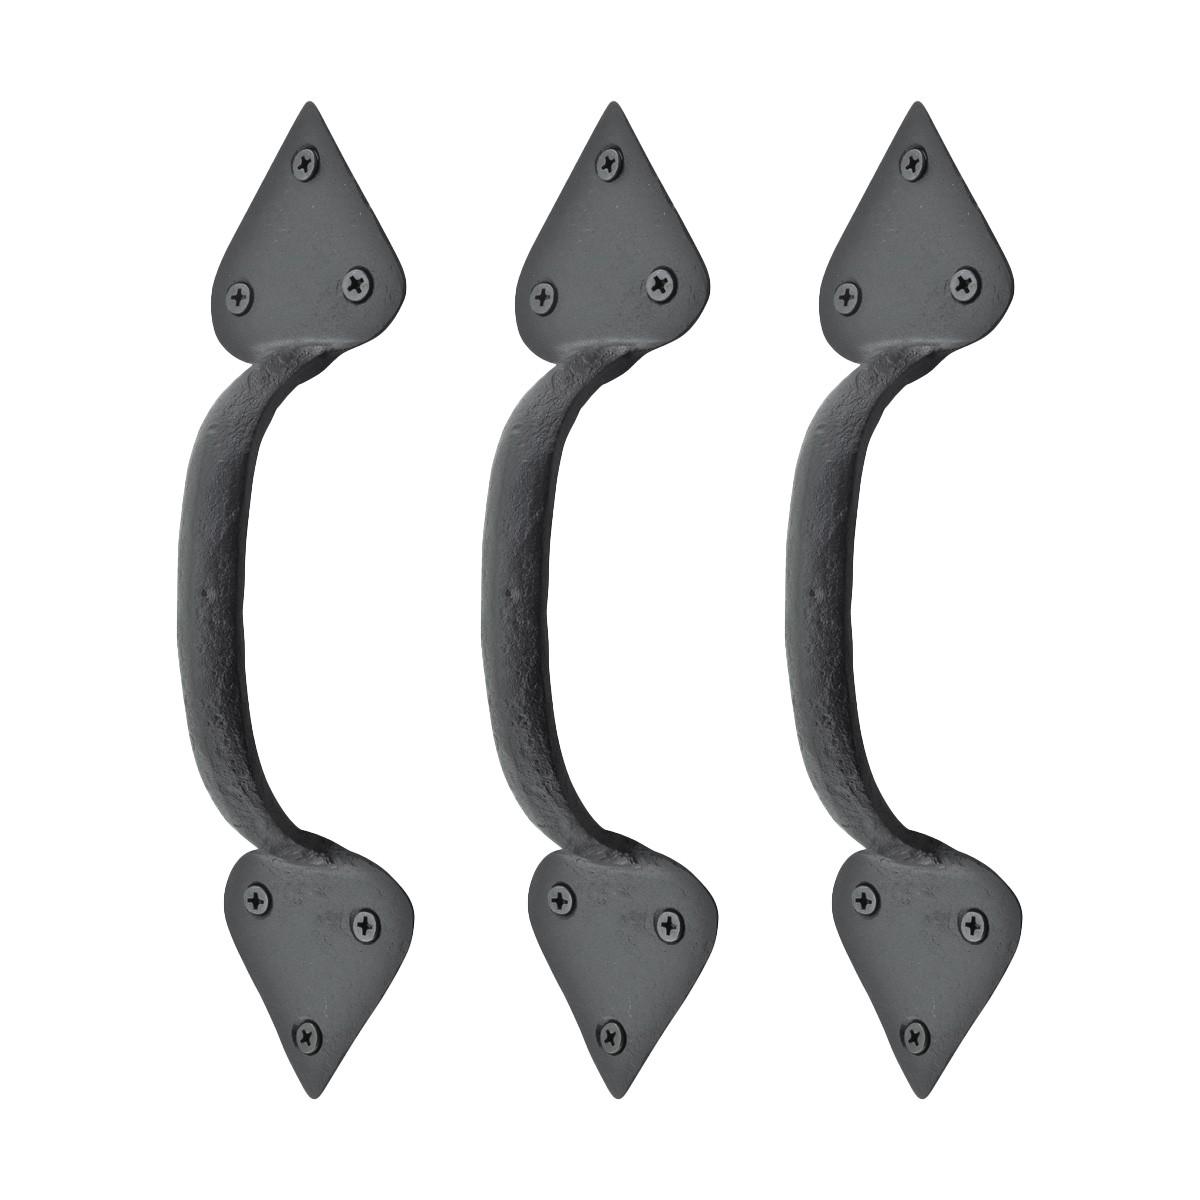 Wrought Iron Door Handles Black Drawer Pull